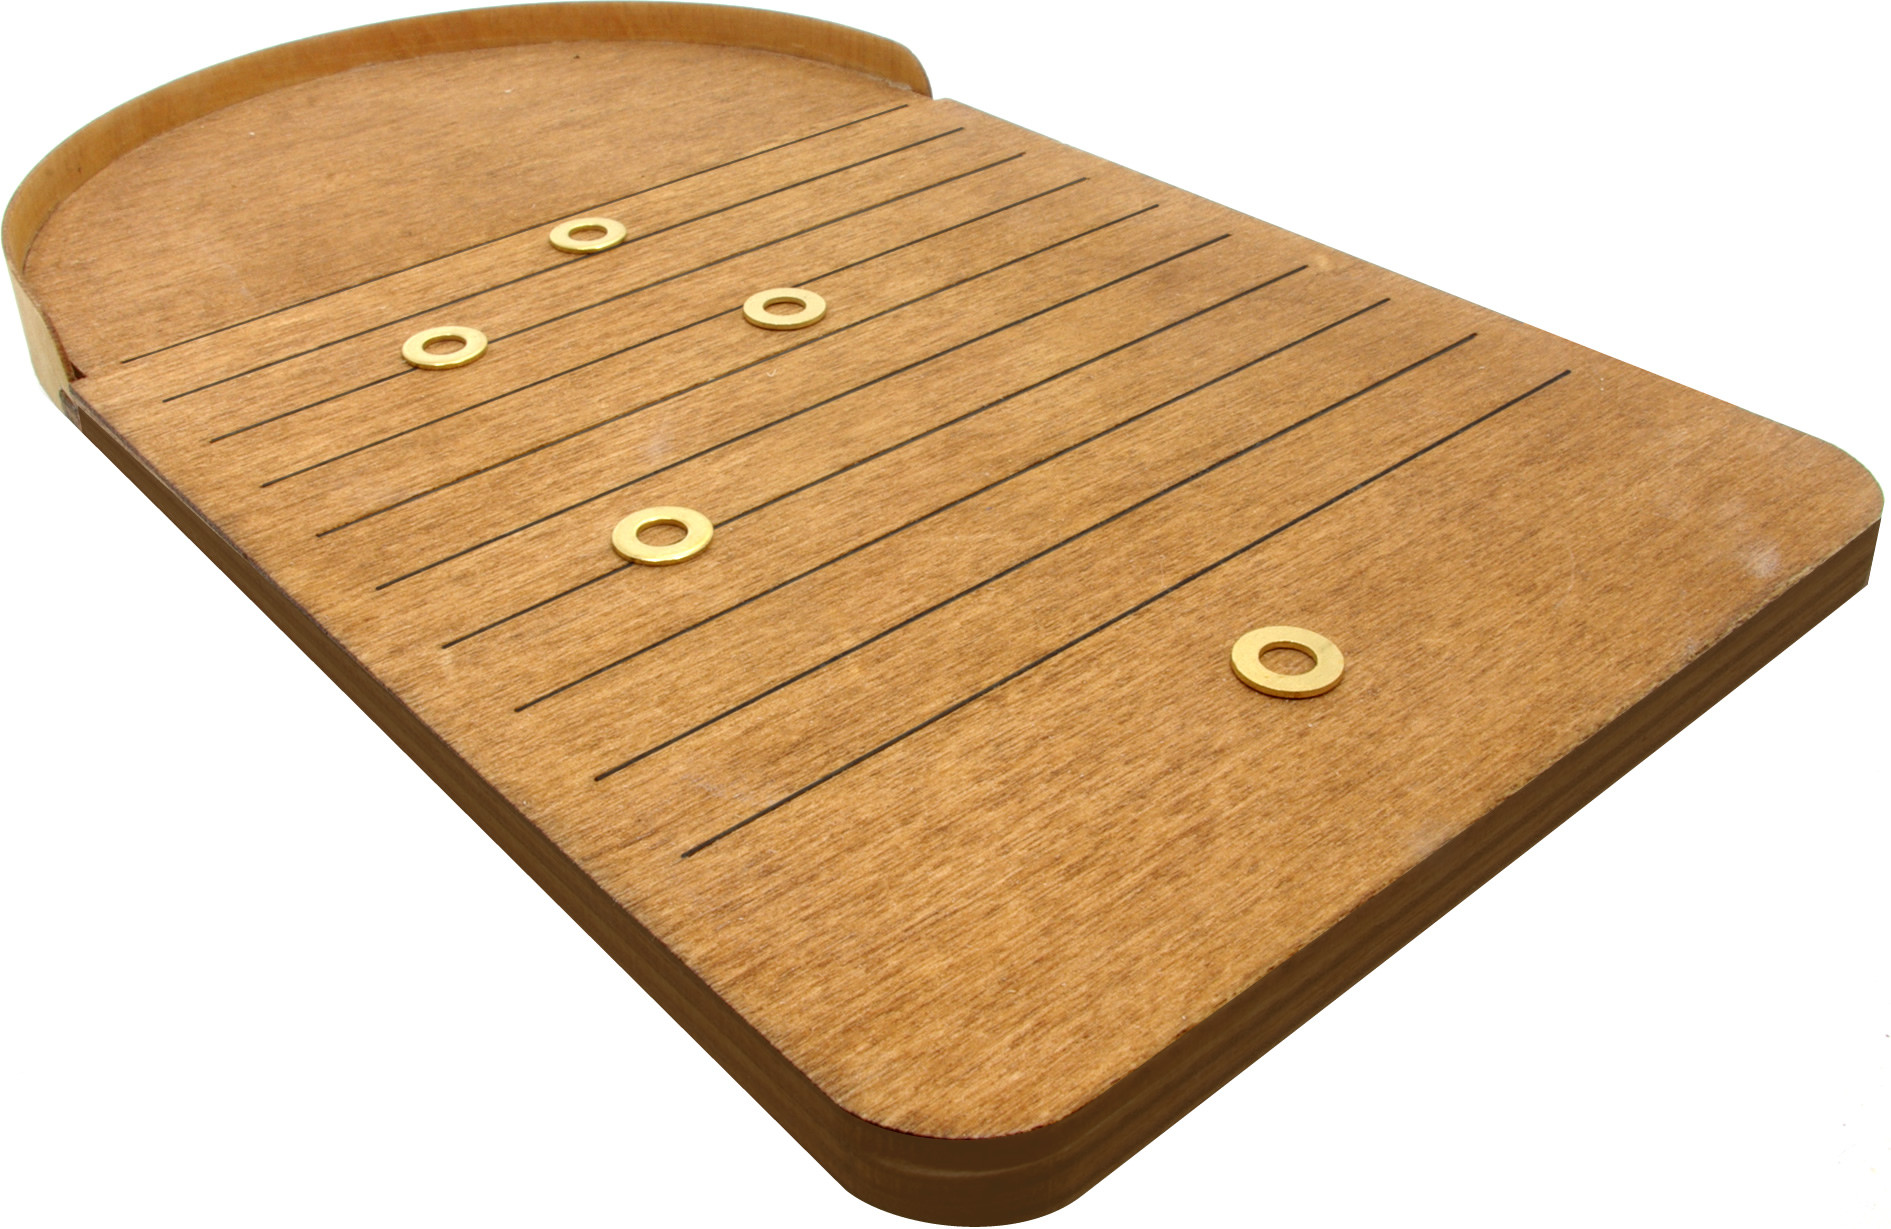 Miniature Wooden Shove ha'penny board